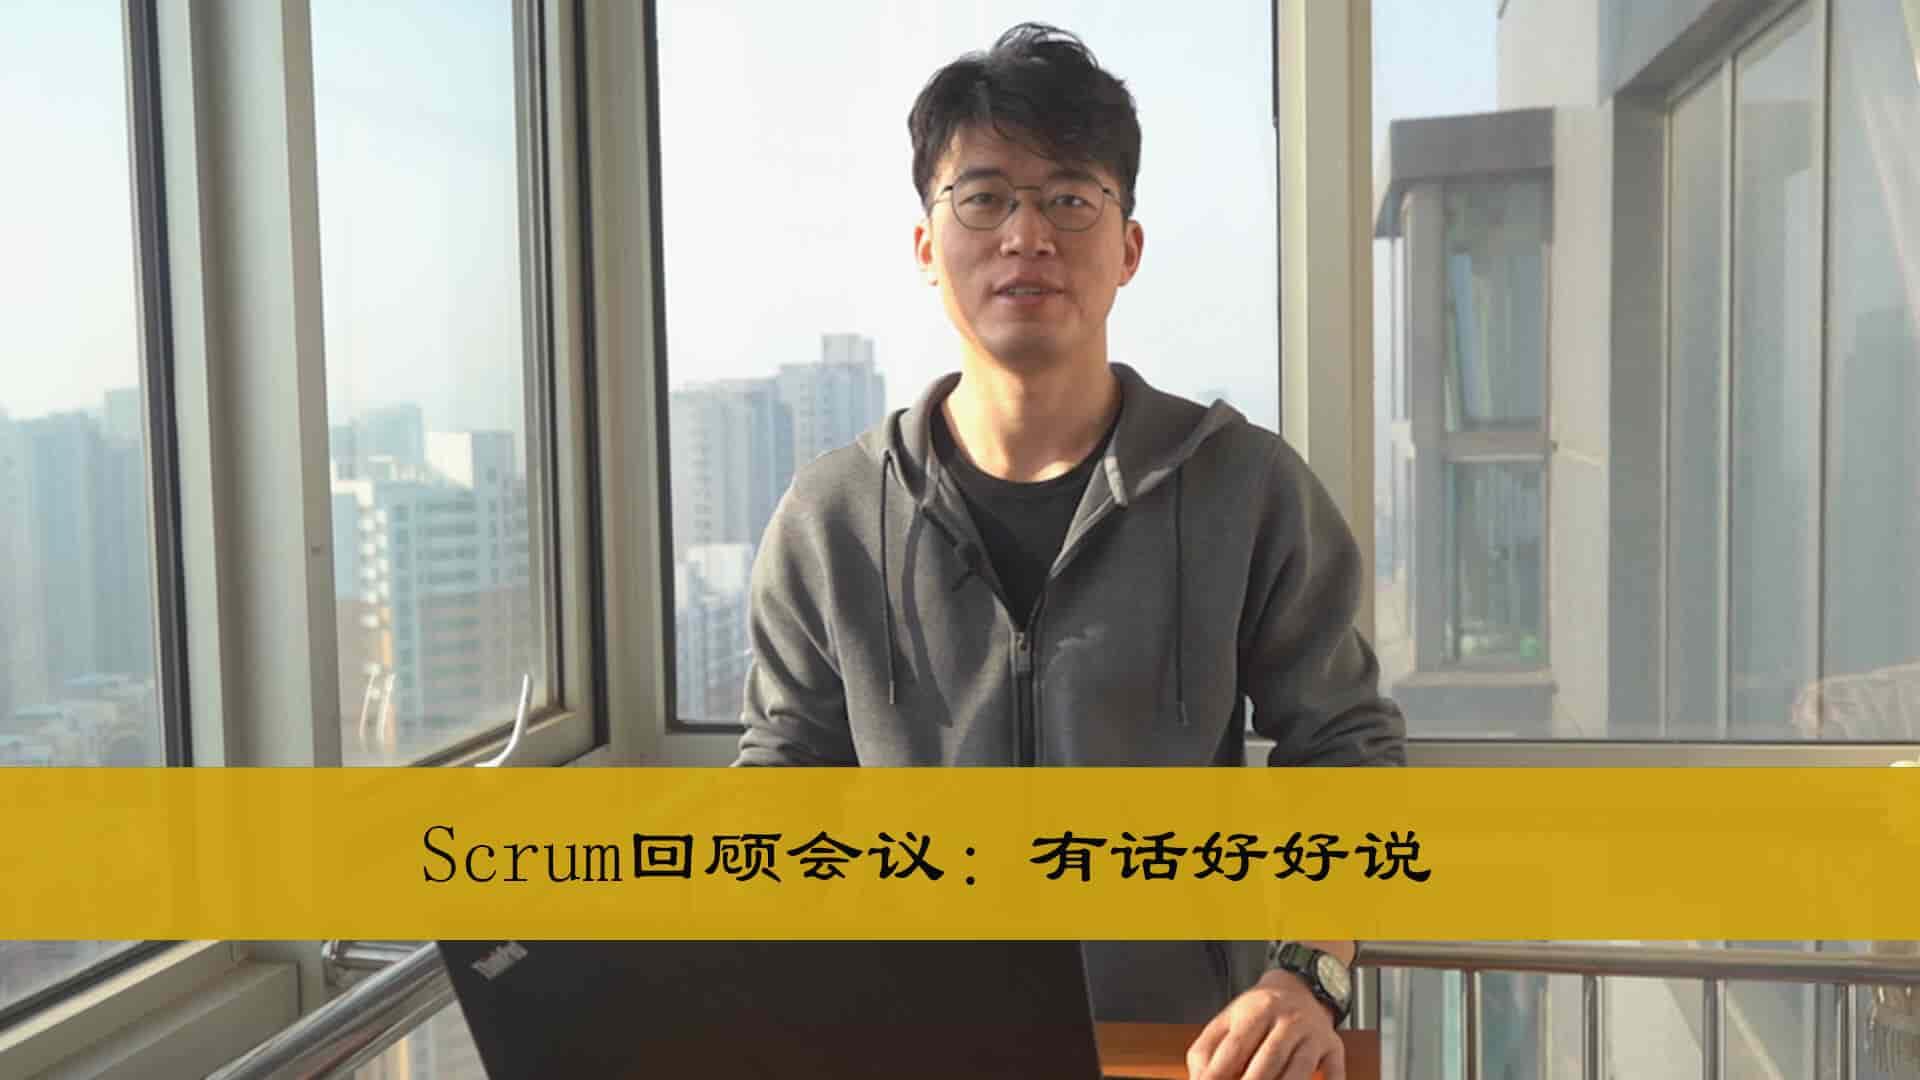 Scrum回顾会议:有话好好说